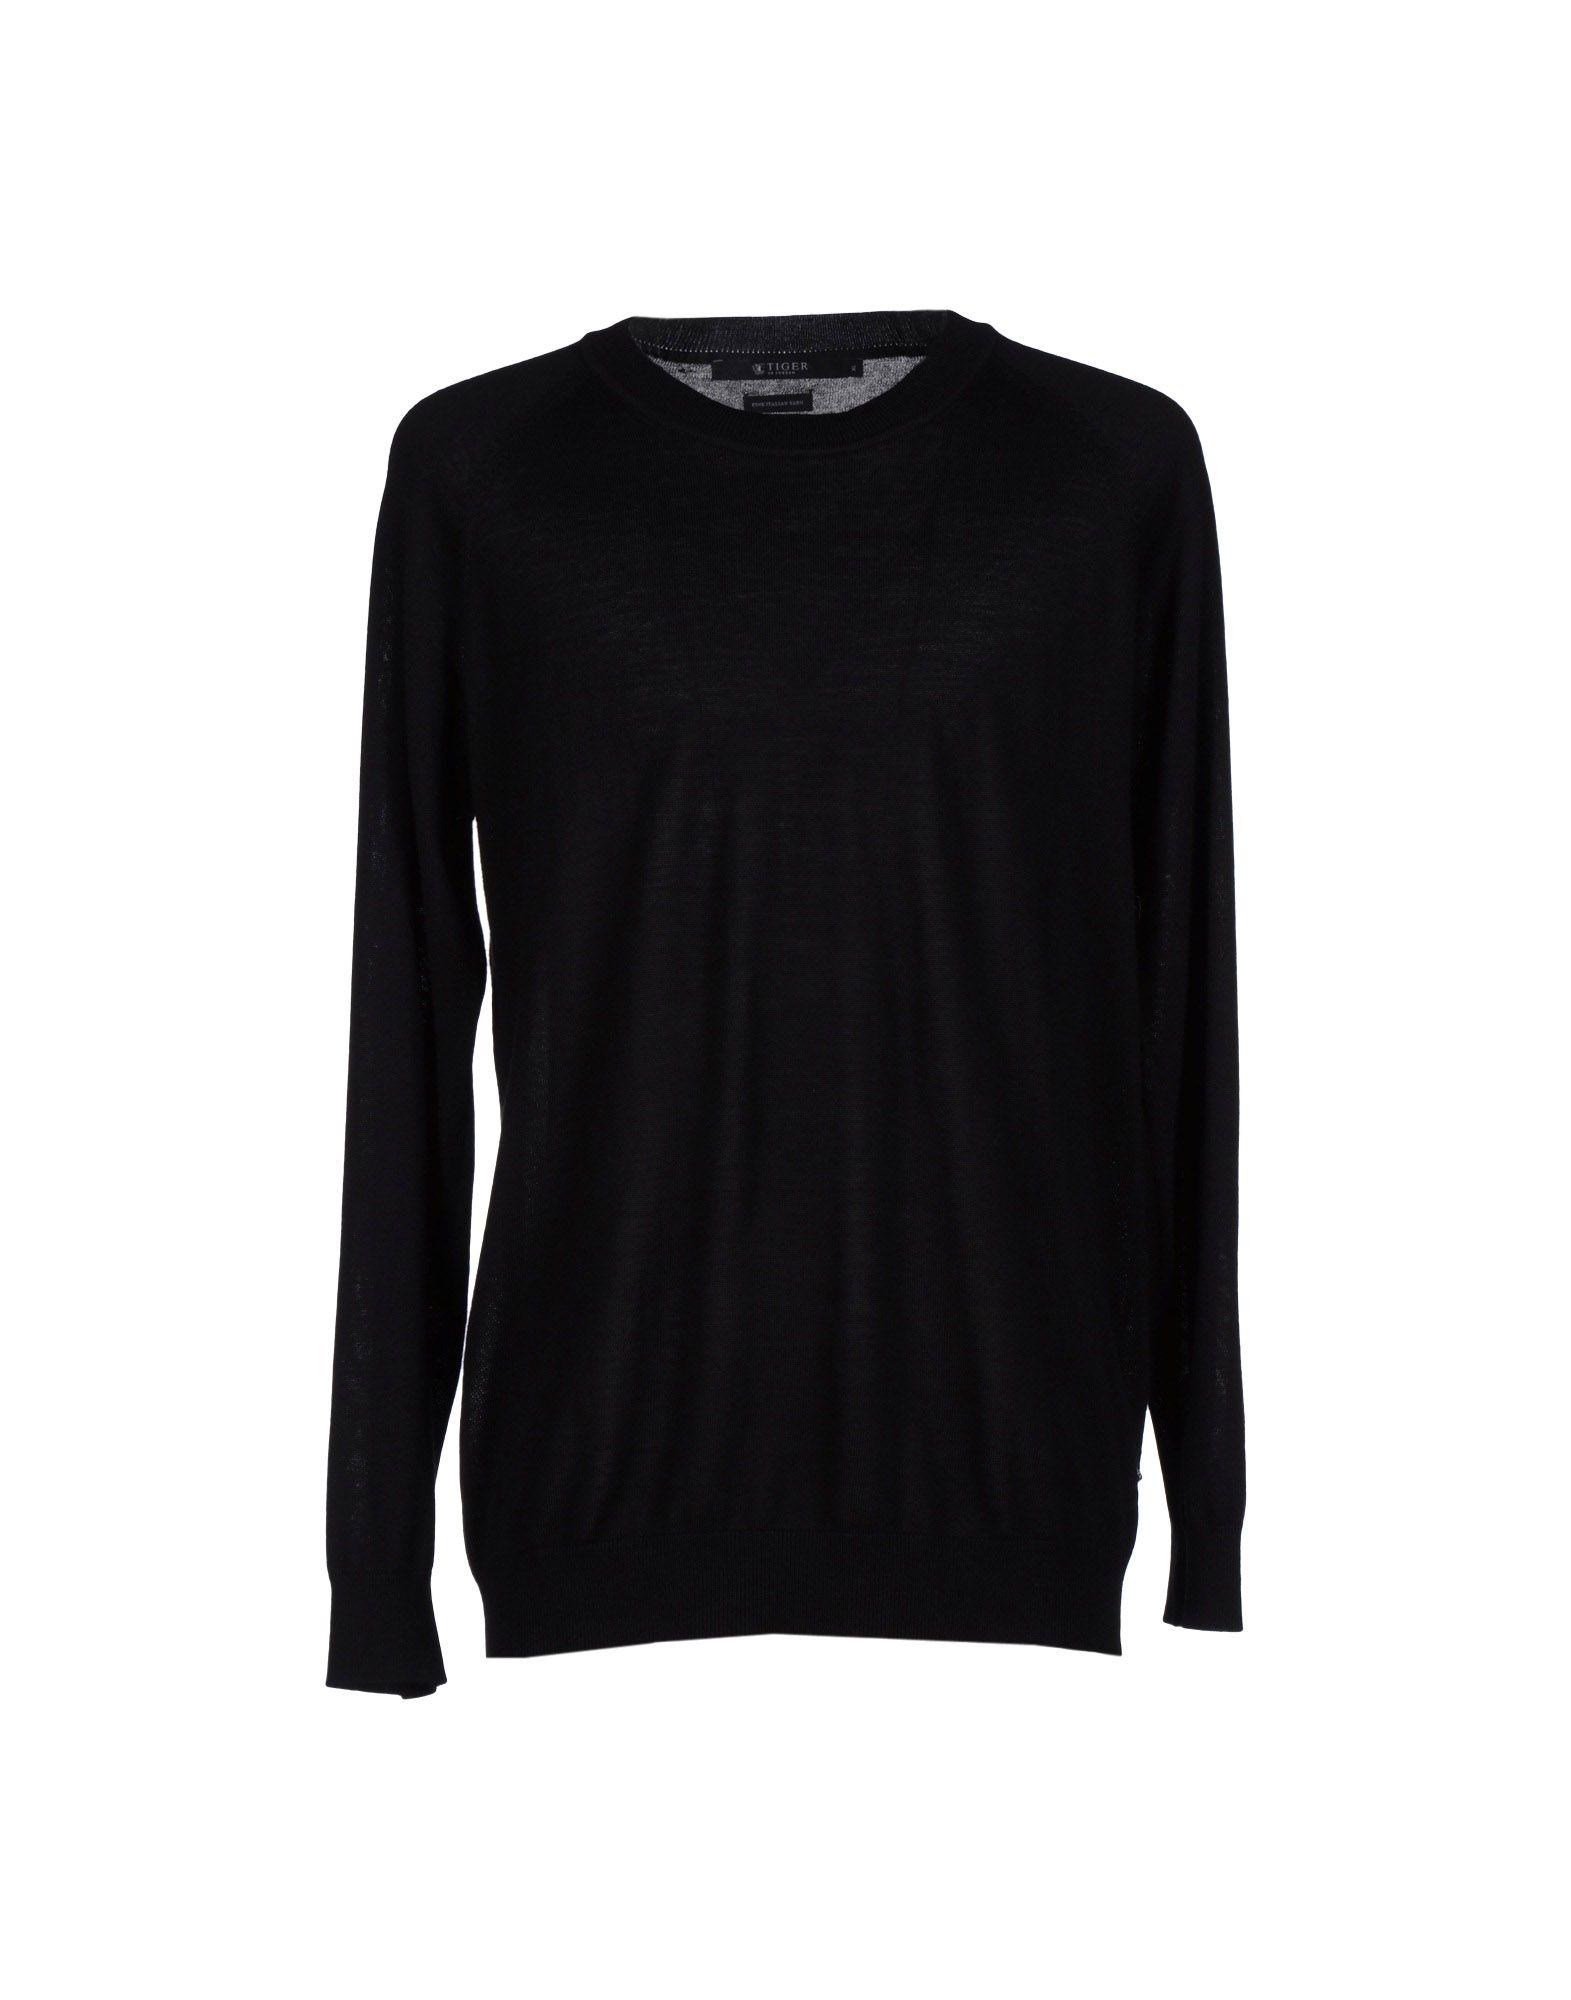 TIGER OF SWEDEN Herren Pullover Farbe Schwarz Größe 7